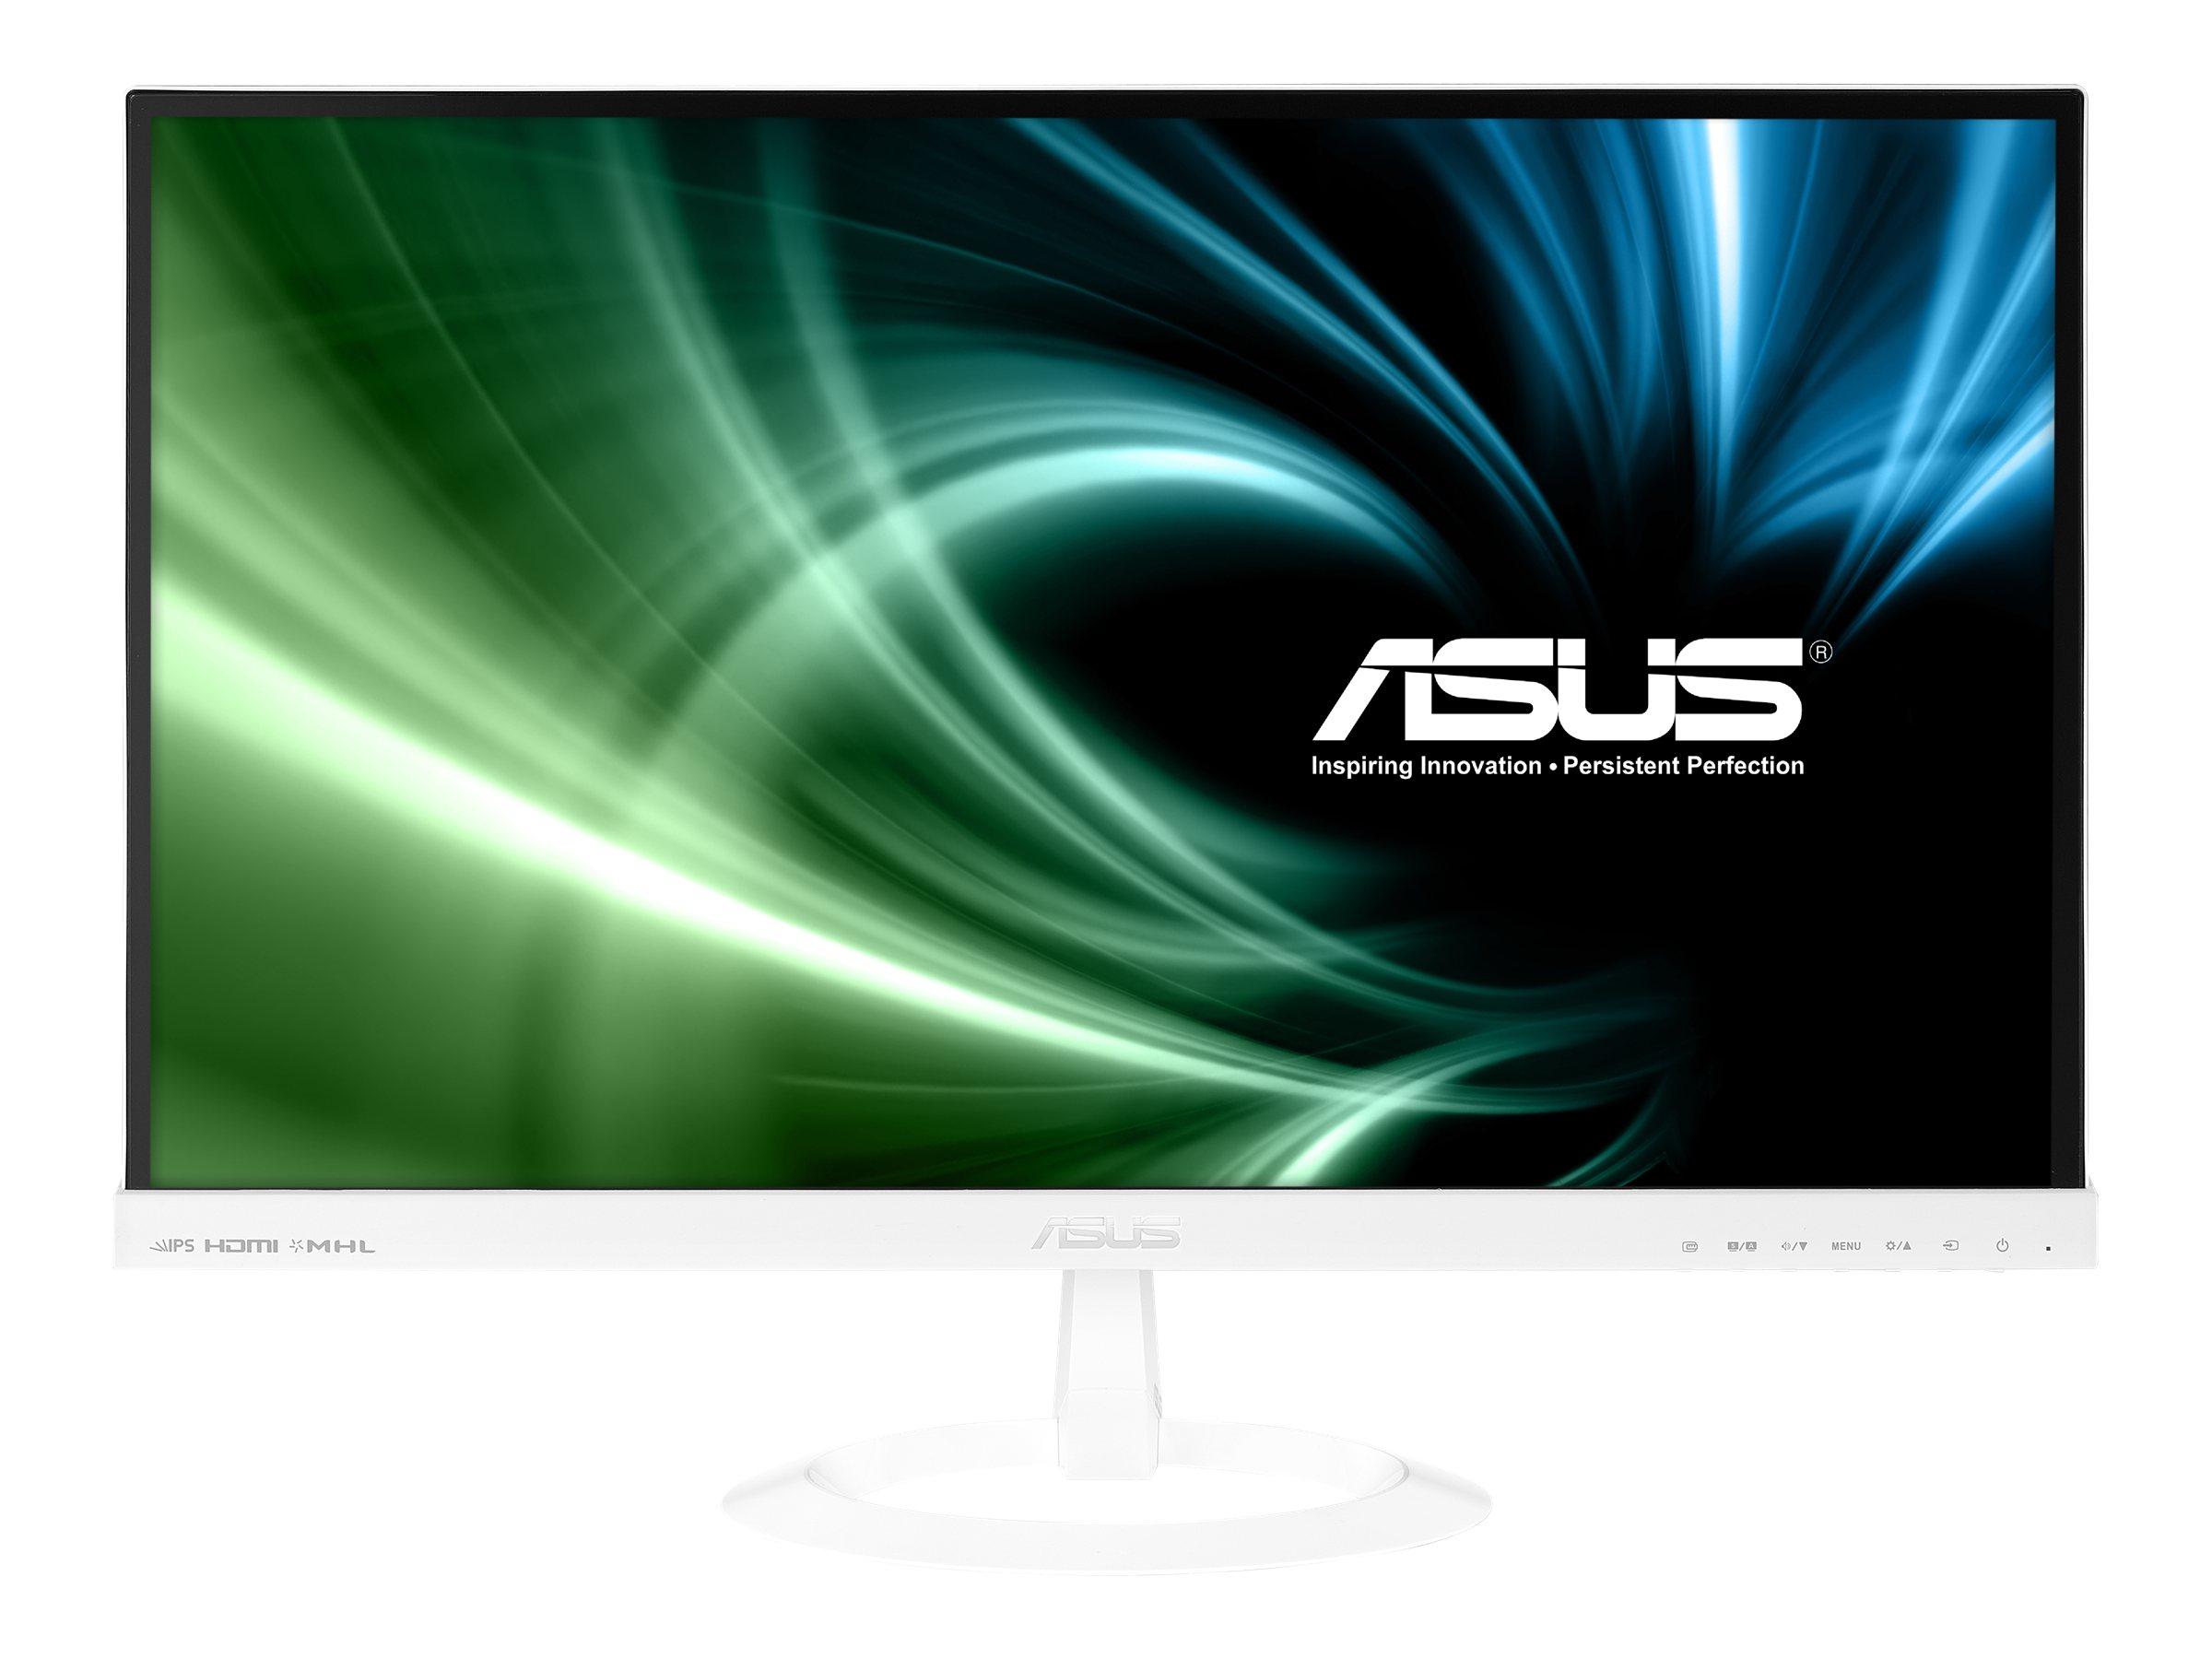 ASUS VX239H-W MONITOR LED 23 23 VISIBLE 1920 X 108